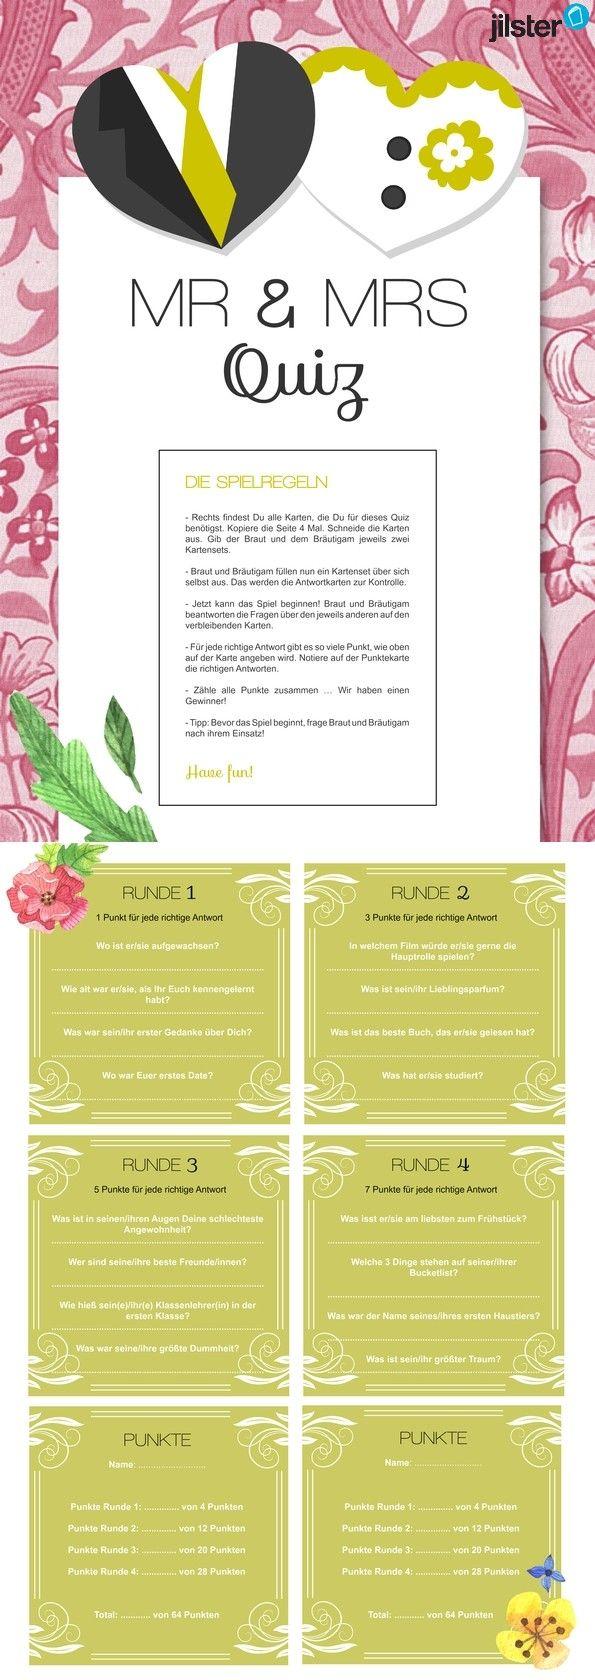 Hochzeitszeitung – Vorlage im Editor benutzen – Jilster.de | deine eigene Zeitschrift gestalten